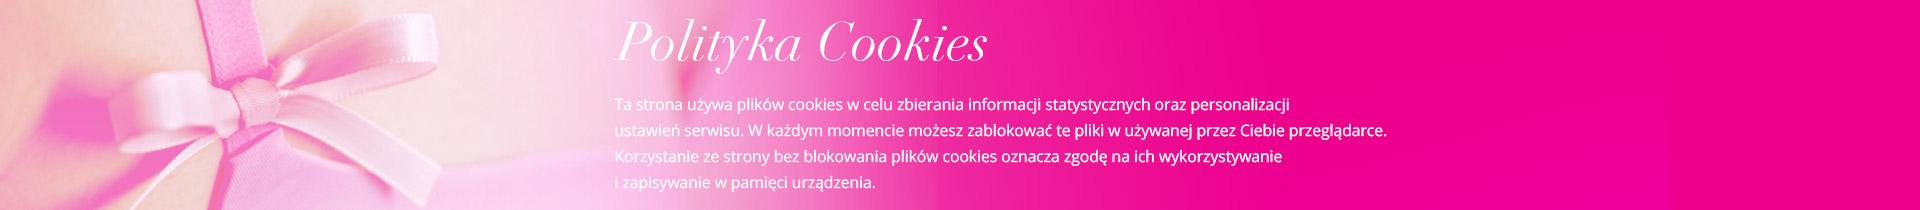 polityka-cookies-banner